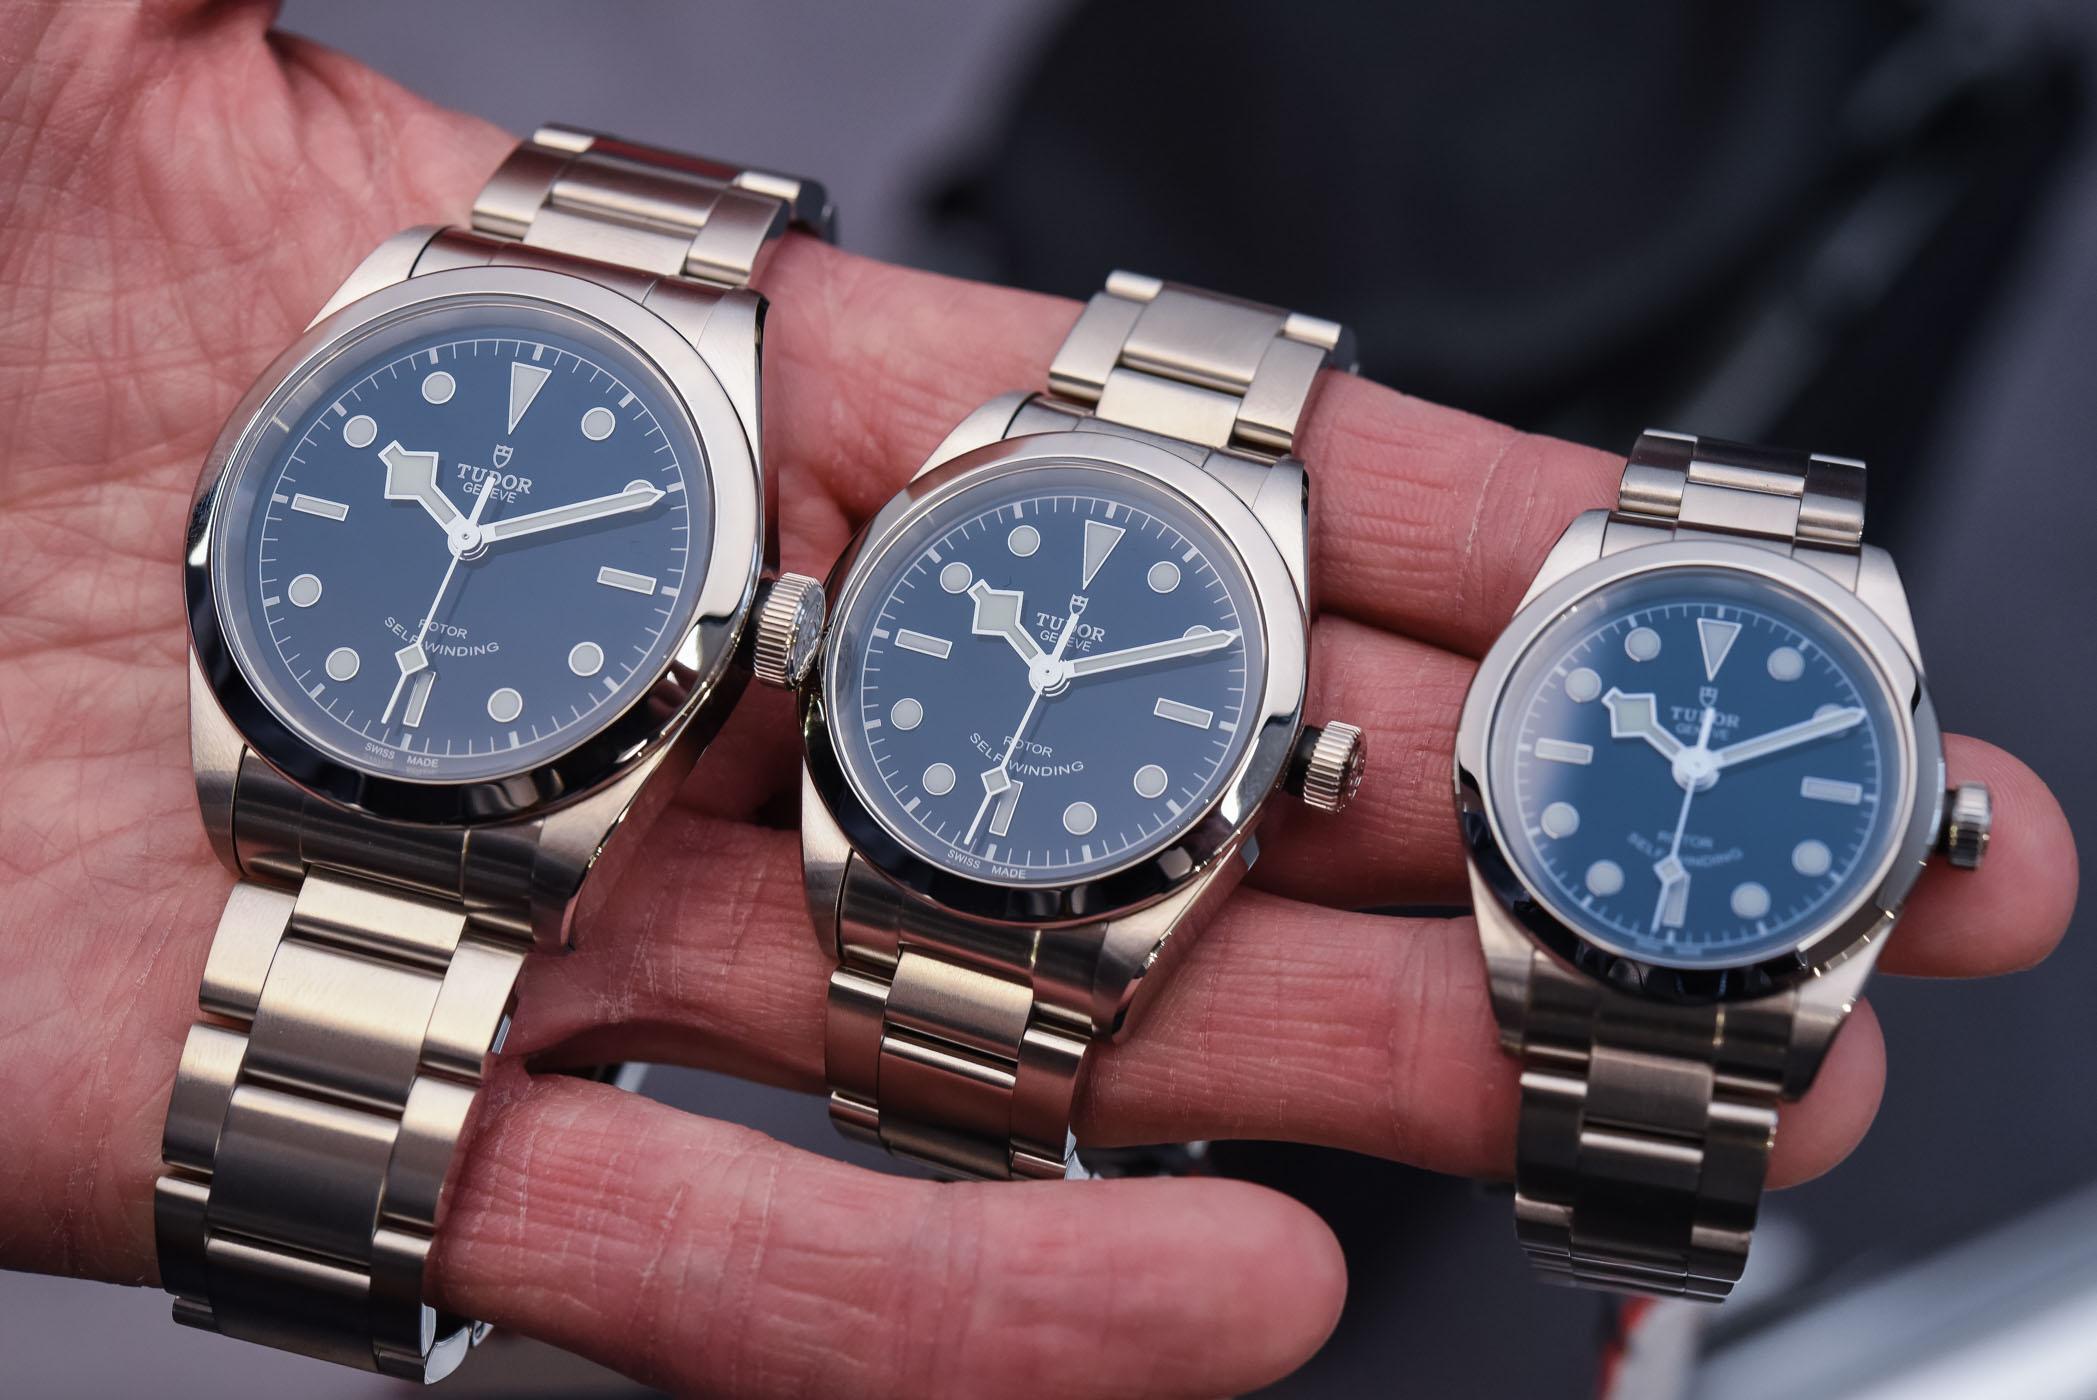 Tudor Black Bay Blue dials 41 - 36 - 32